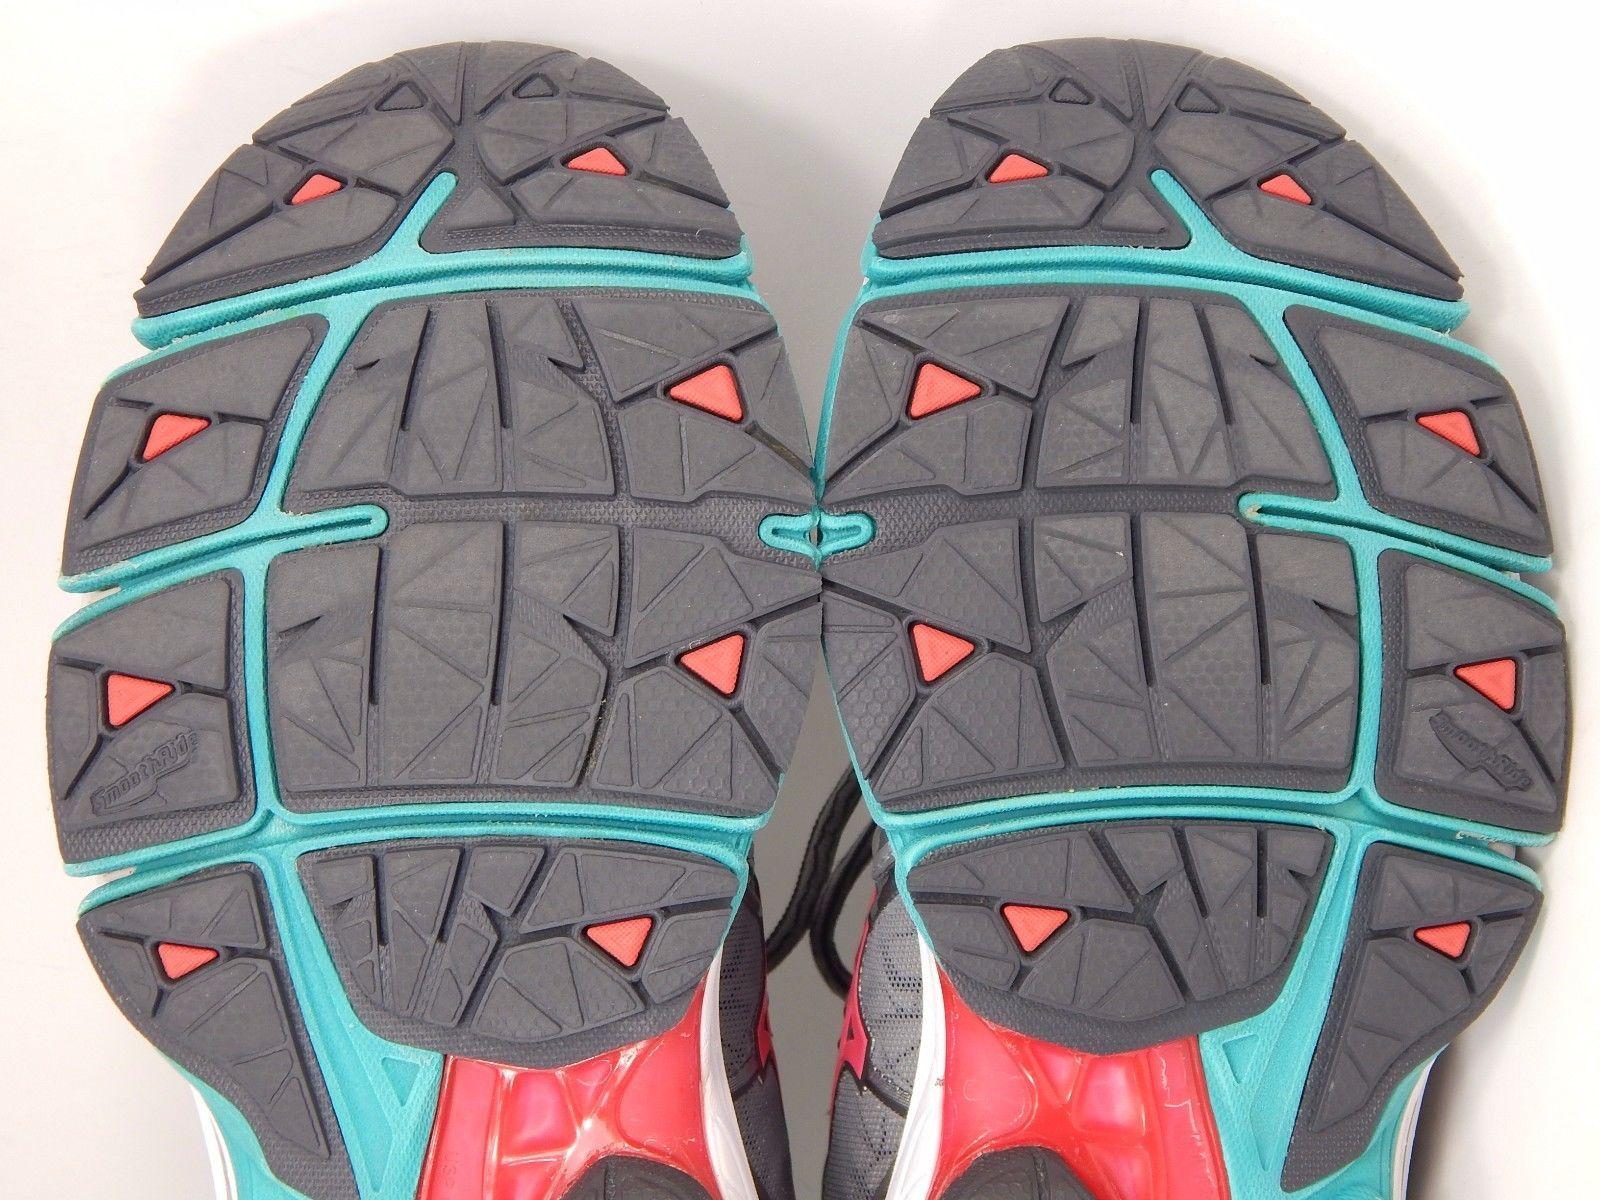 Mizuno Wave Horizon Women's Running Shoes Size US 9.5 M (B) EU: 40.5 Silver